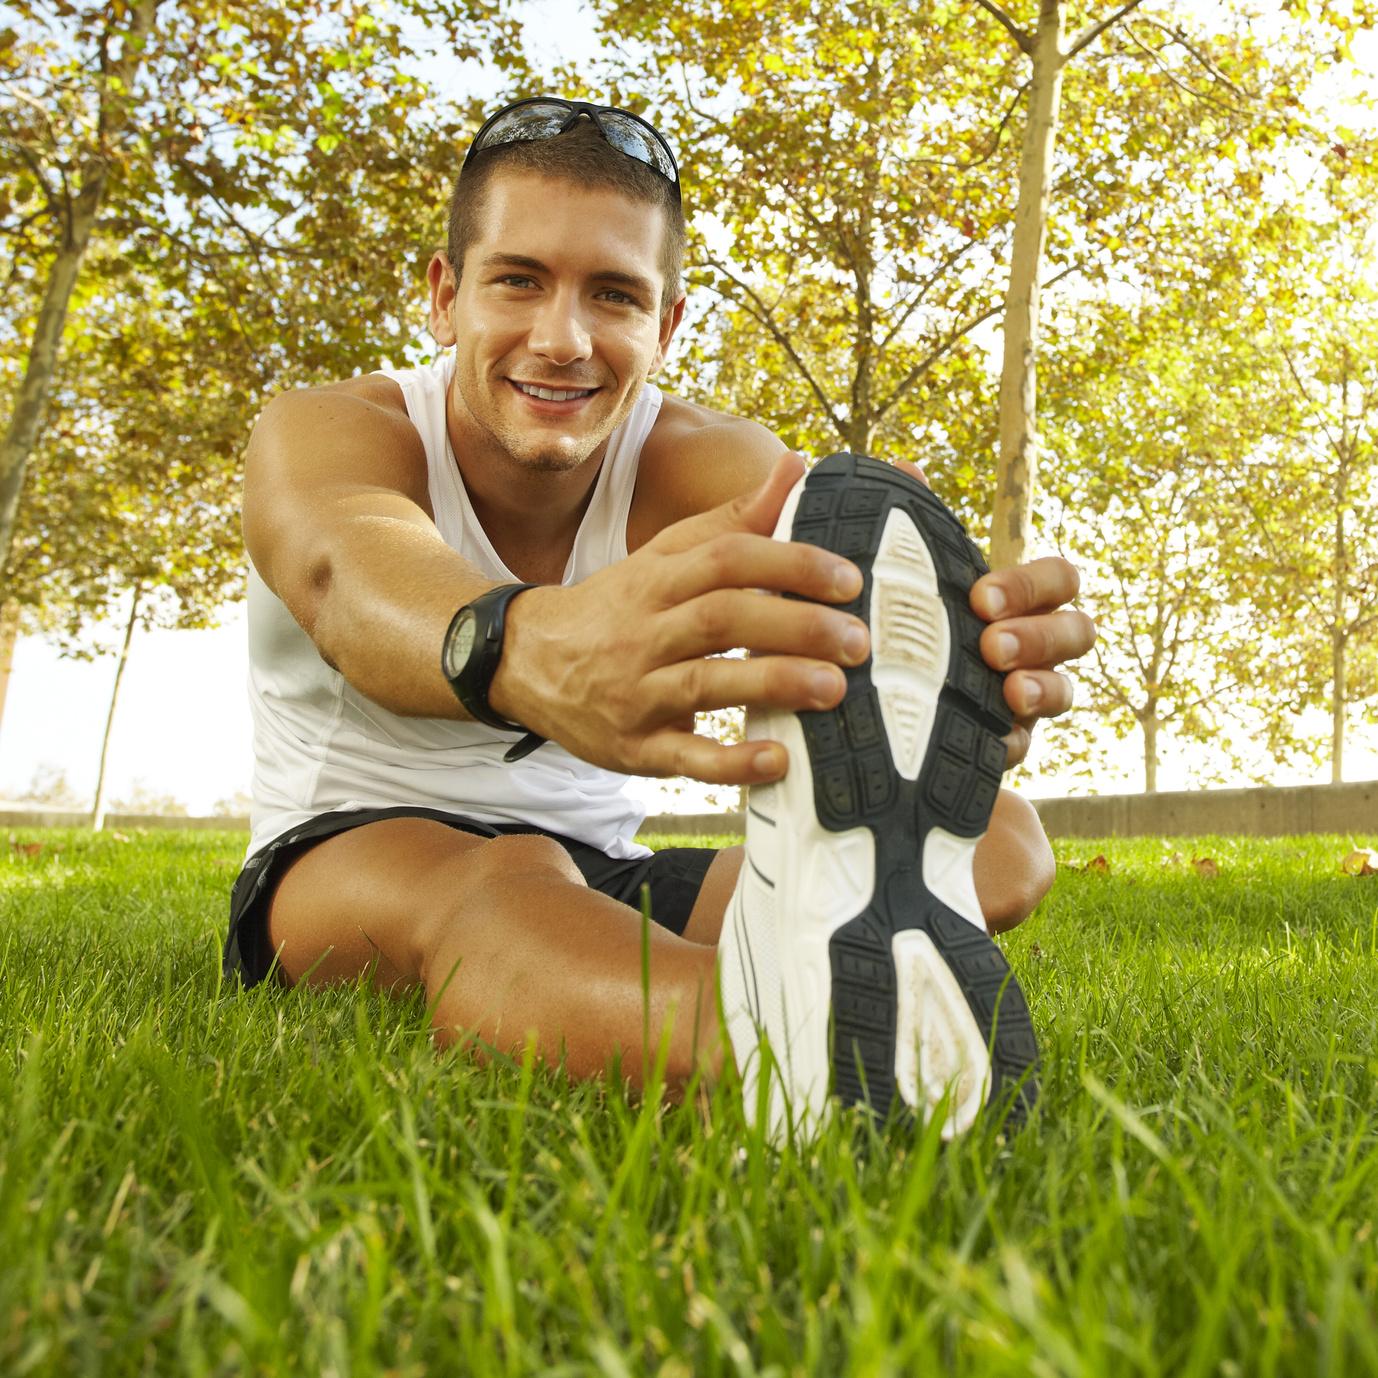 Προθέρμανση πριν το τρέξιμο